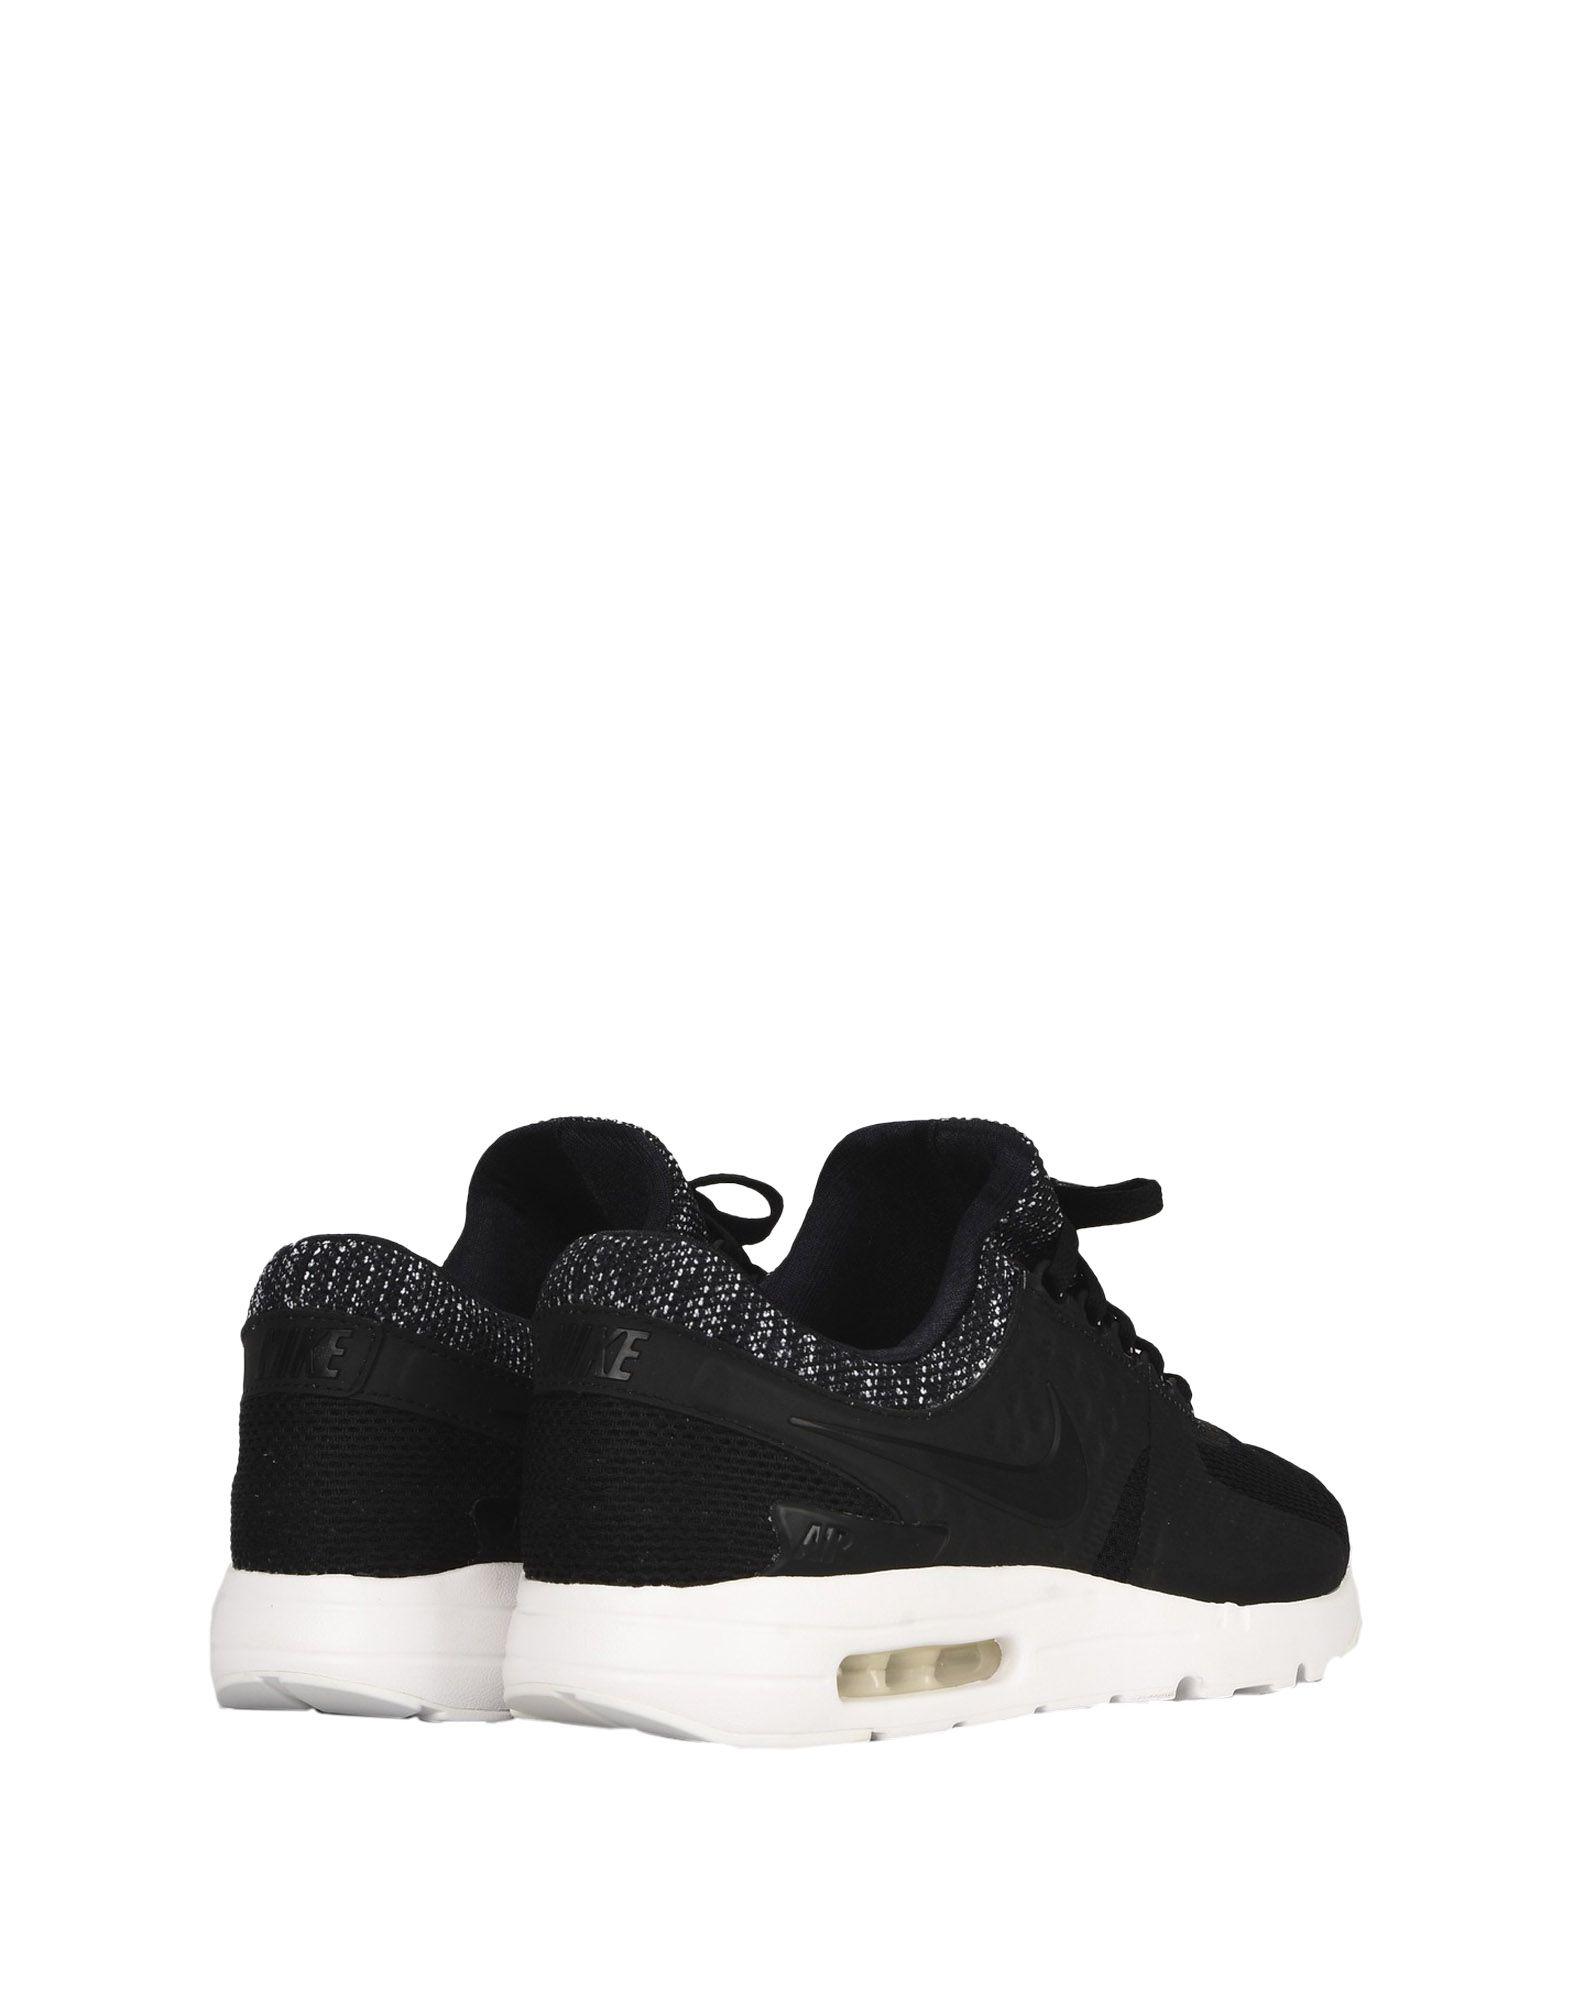 Sneakers Nike Air Max Zero Breathe - Homme - Sneakers Nike sur ...